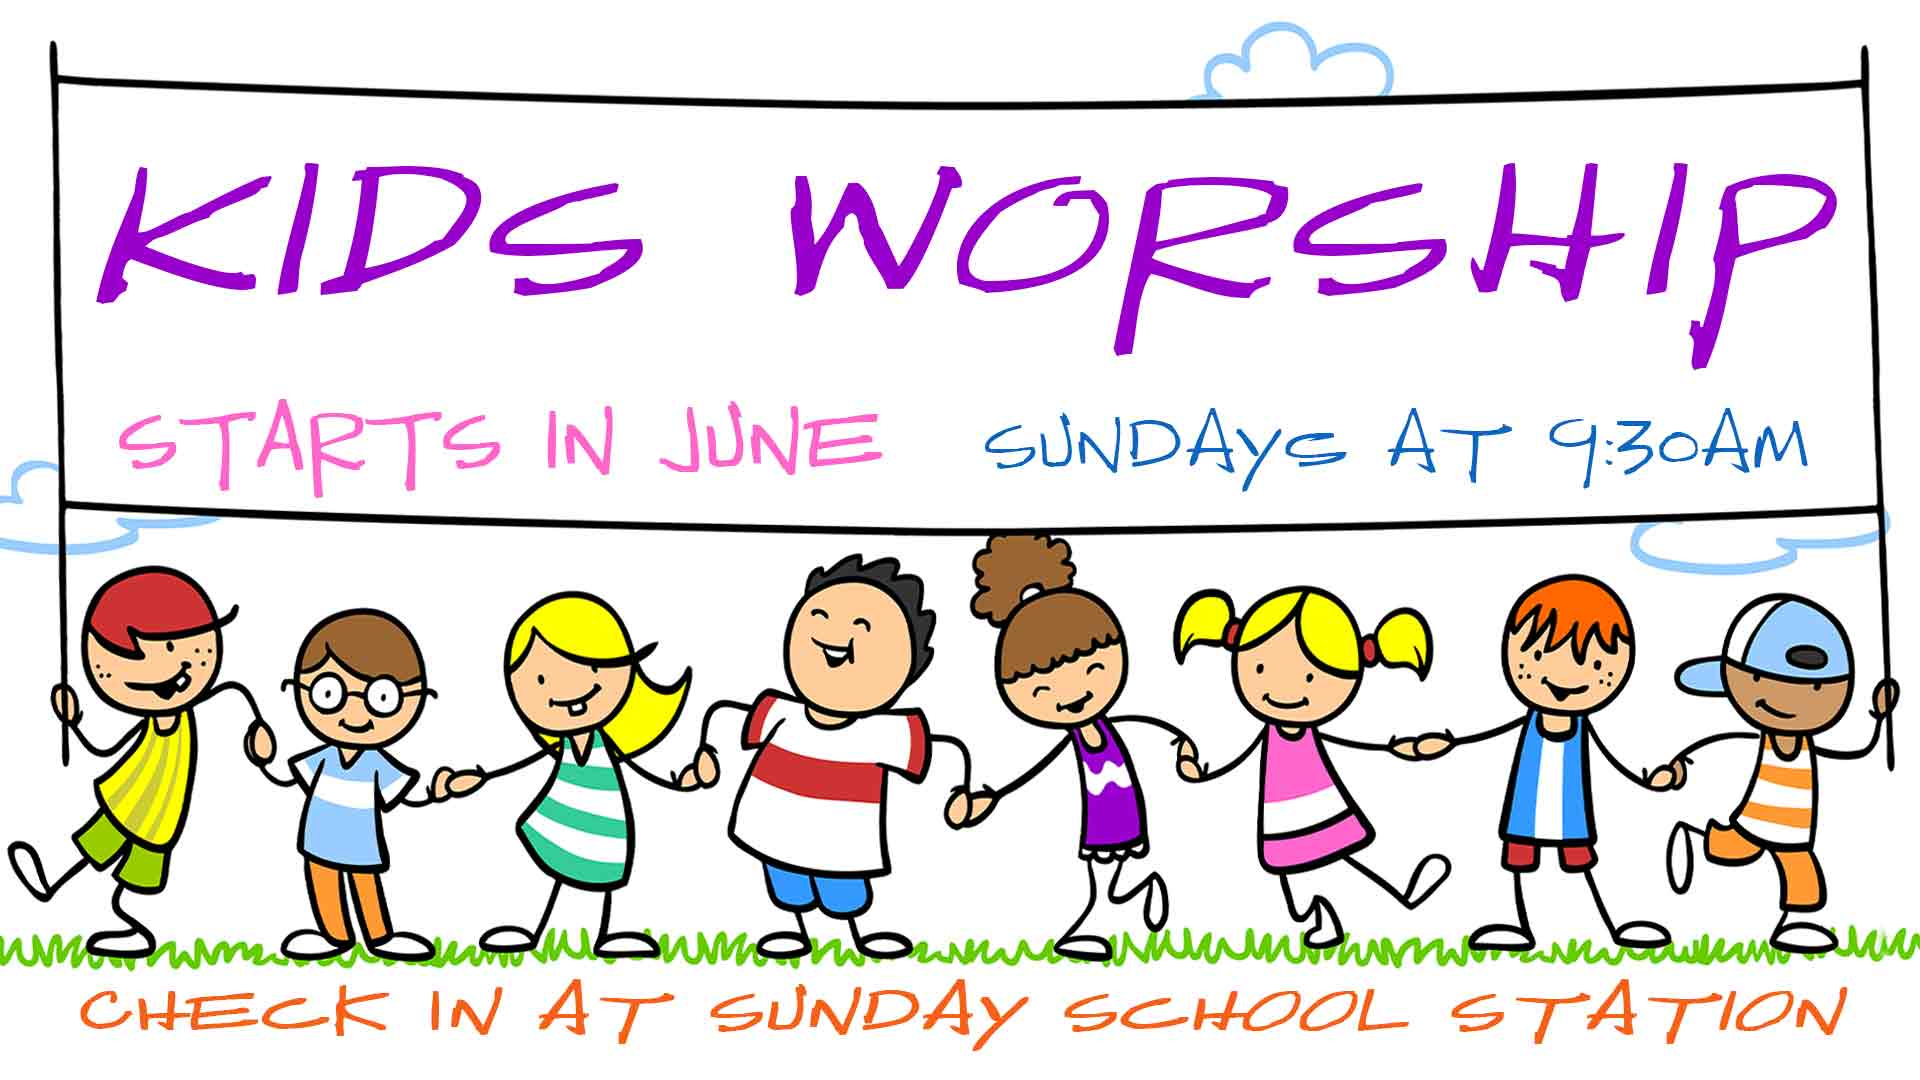 2021 Kids Worship